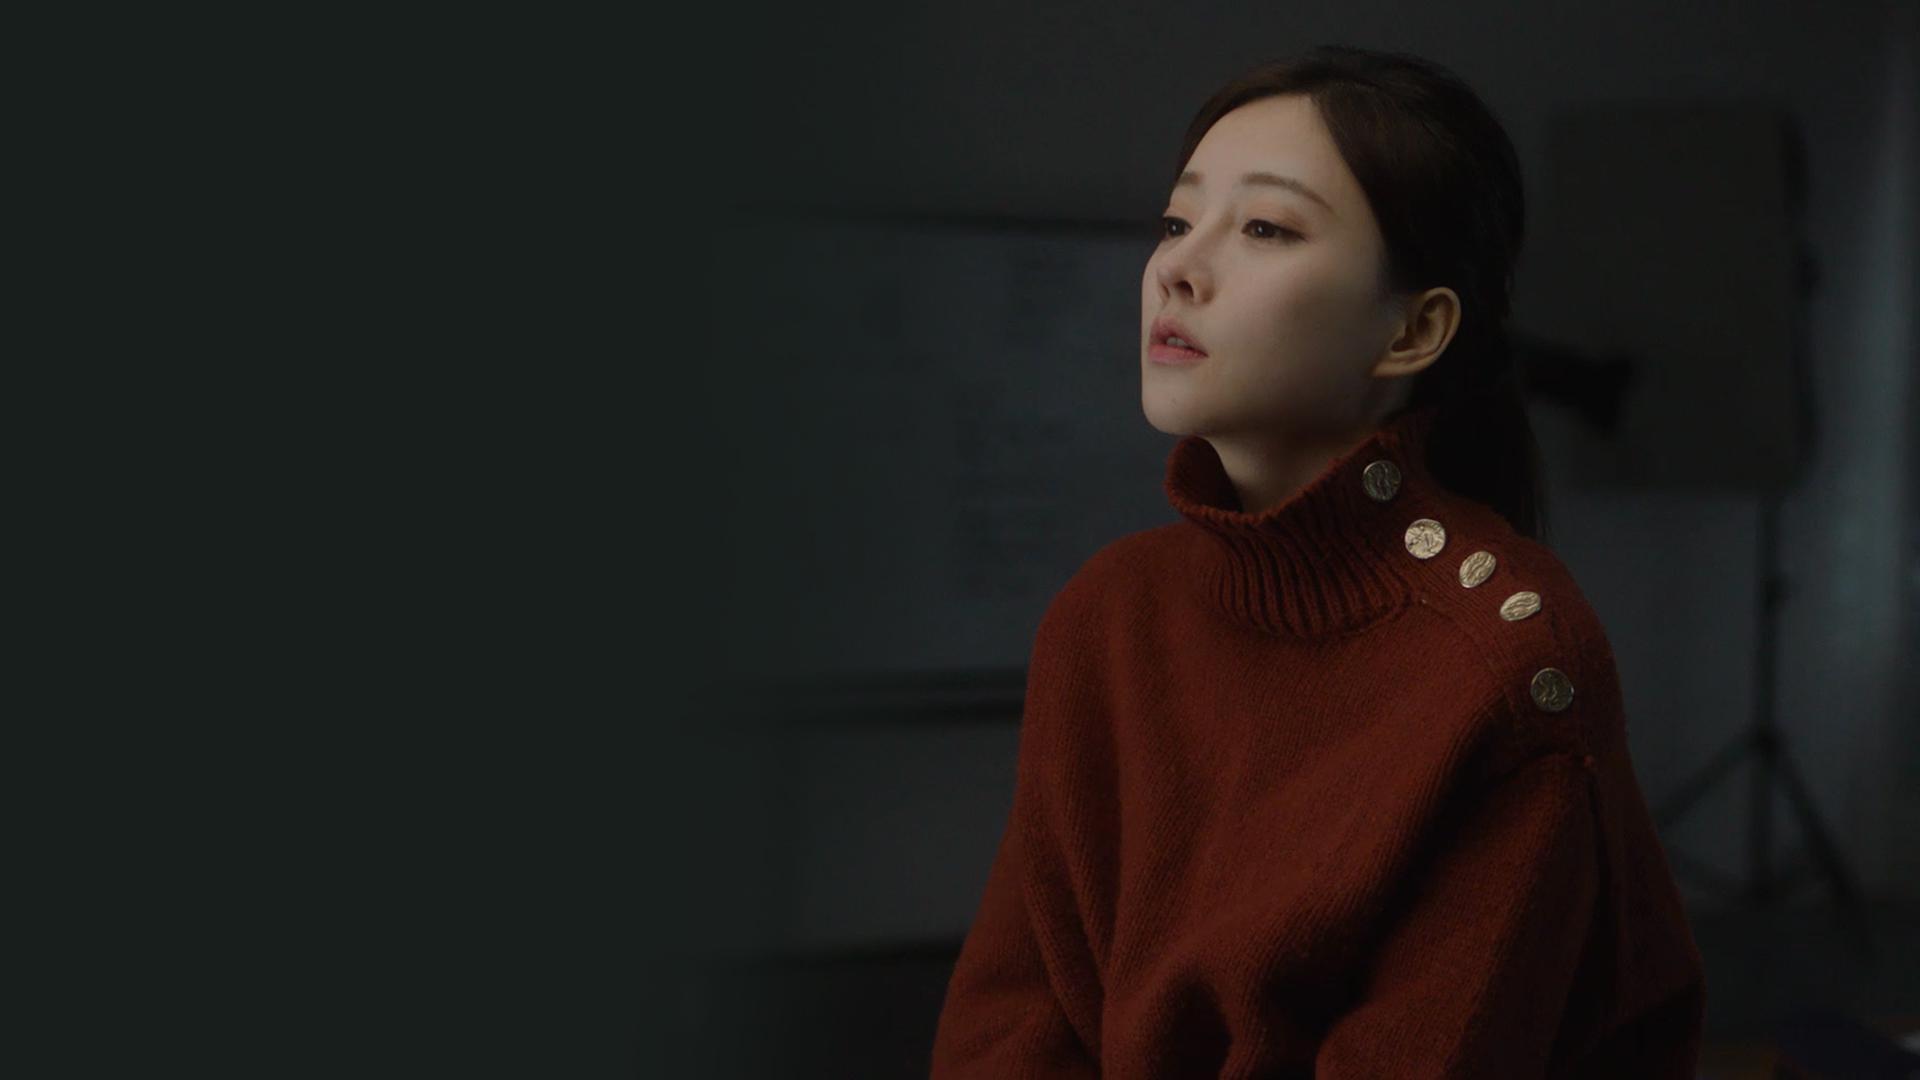 《看到风》MV发布